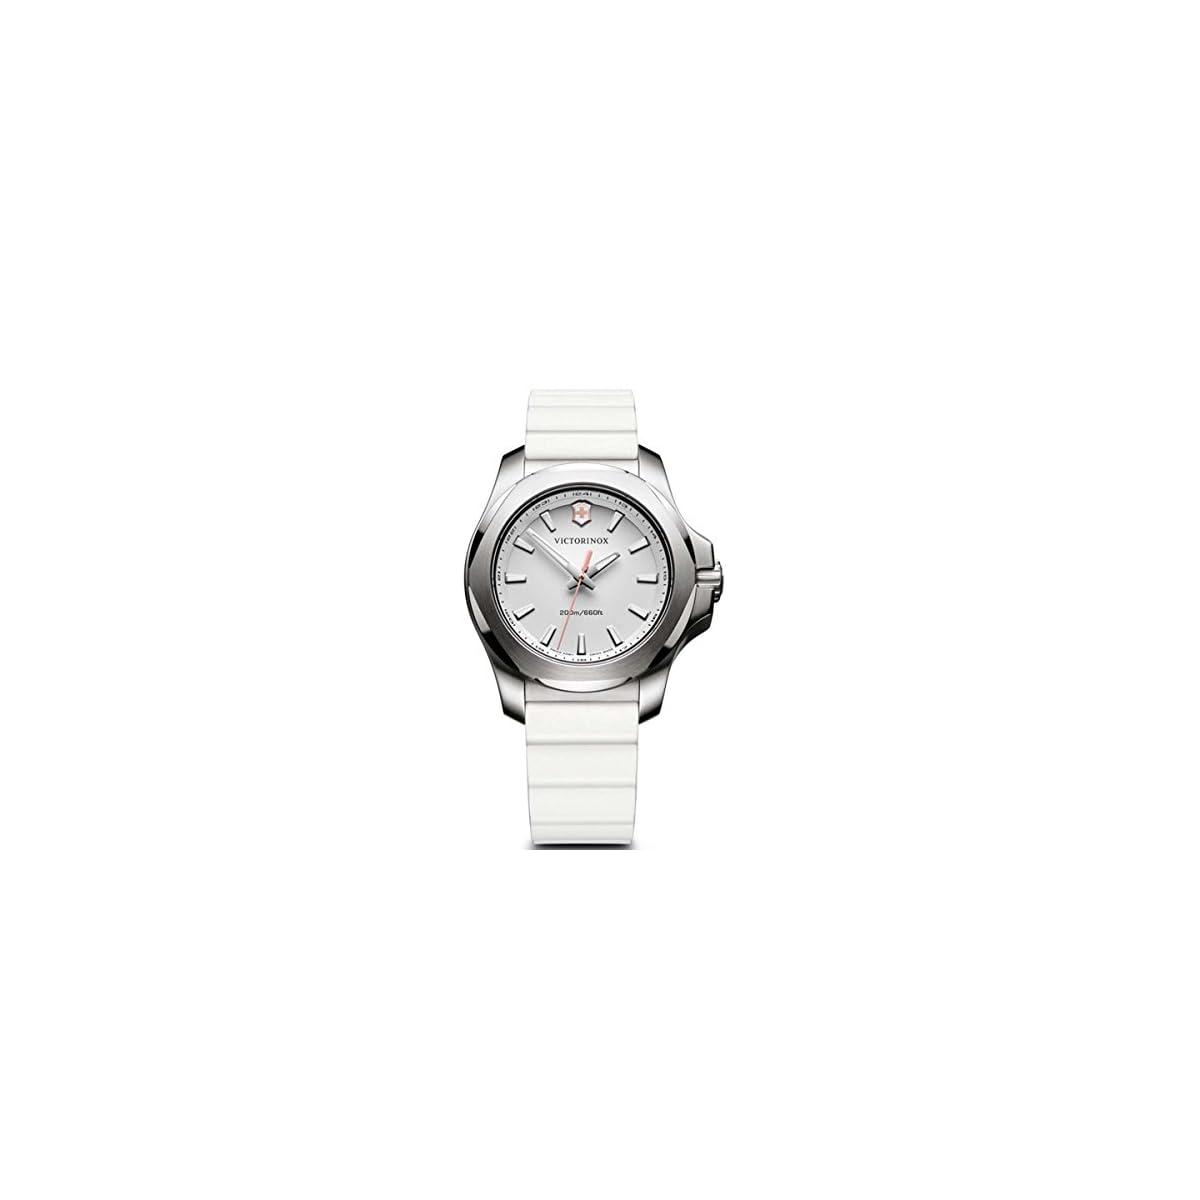 41HxpuxIcXL. SS1200  - Victorinox Reloj Digital para Mujer de Cuarzo con Correa en Caucho 241769